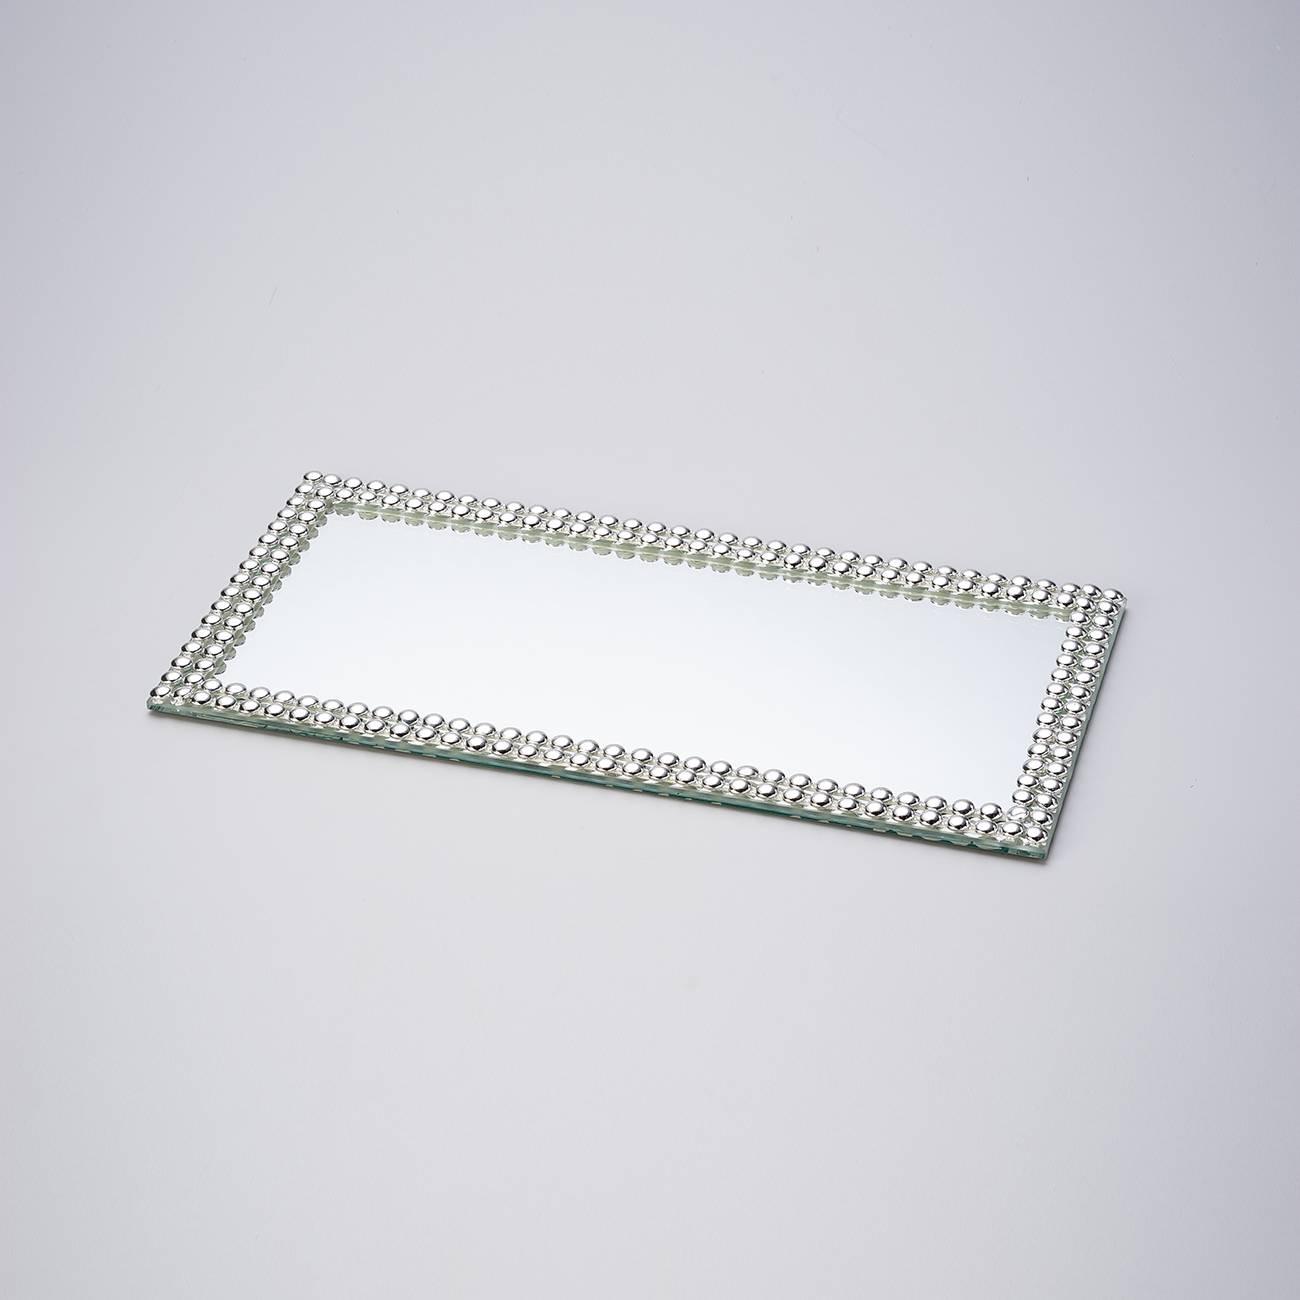 Bandeja Multiuso Espelhada com Acabamento em Acrílico - Prestige - 32x16 cm